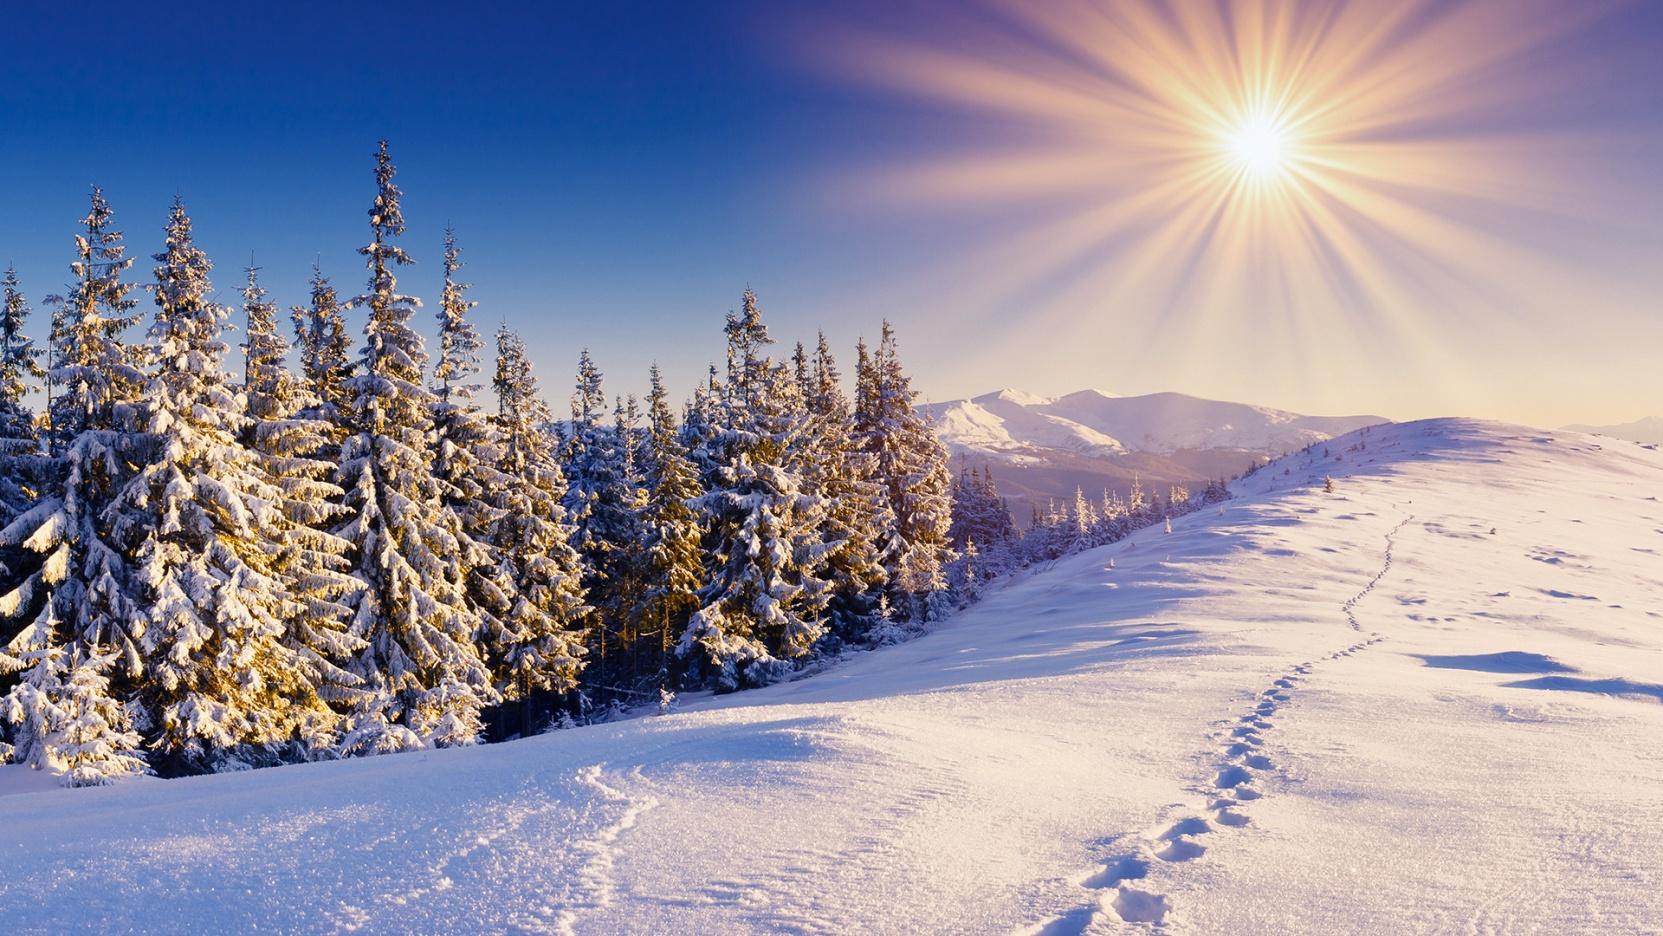 http://bygaga.com.ua/uploads/posts/1354901124_krasivye-kartinki-zima-2.jpg